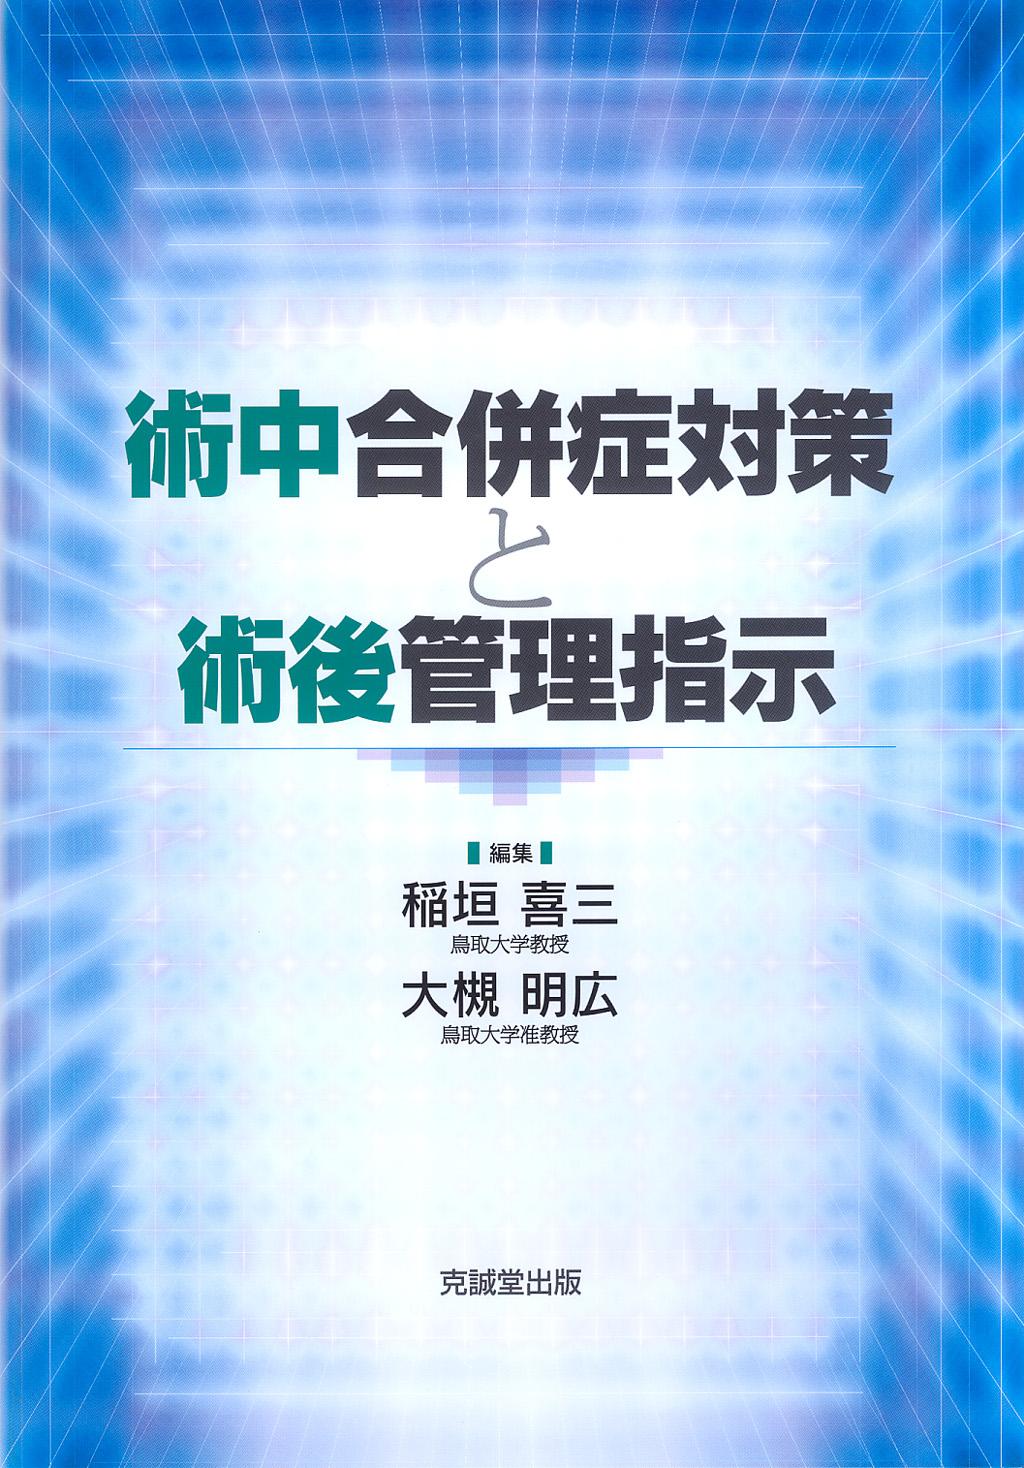 20190605_術中合併症対策と術後管理指示(稲垣 喜三、大槻 明広)